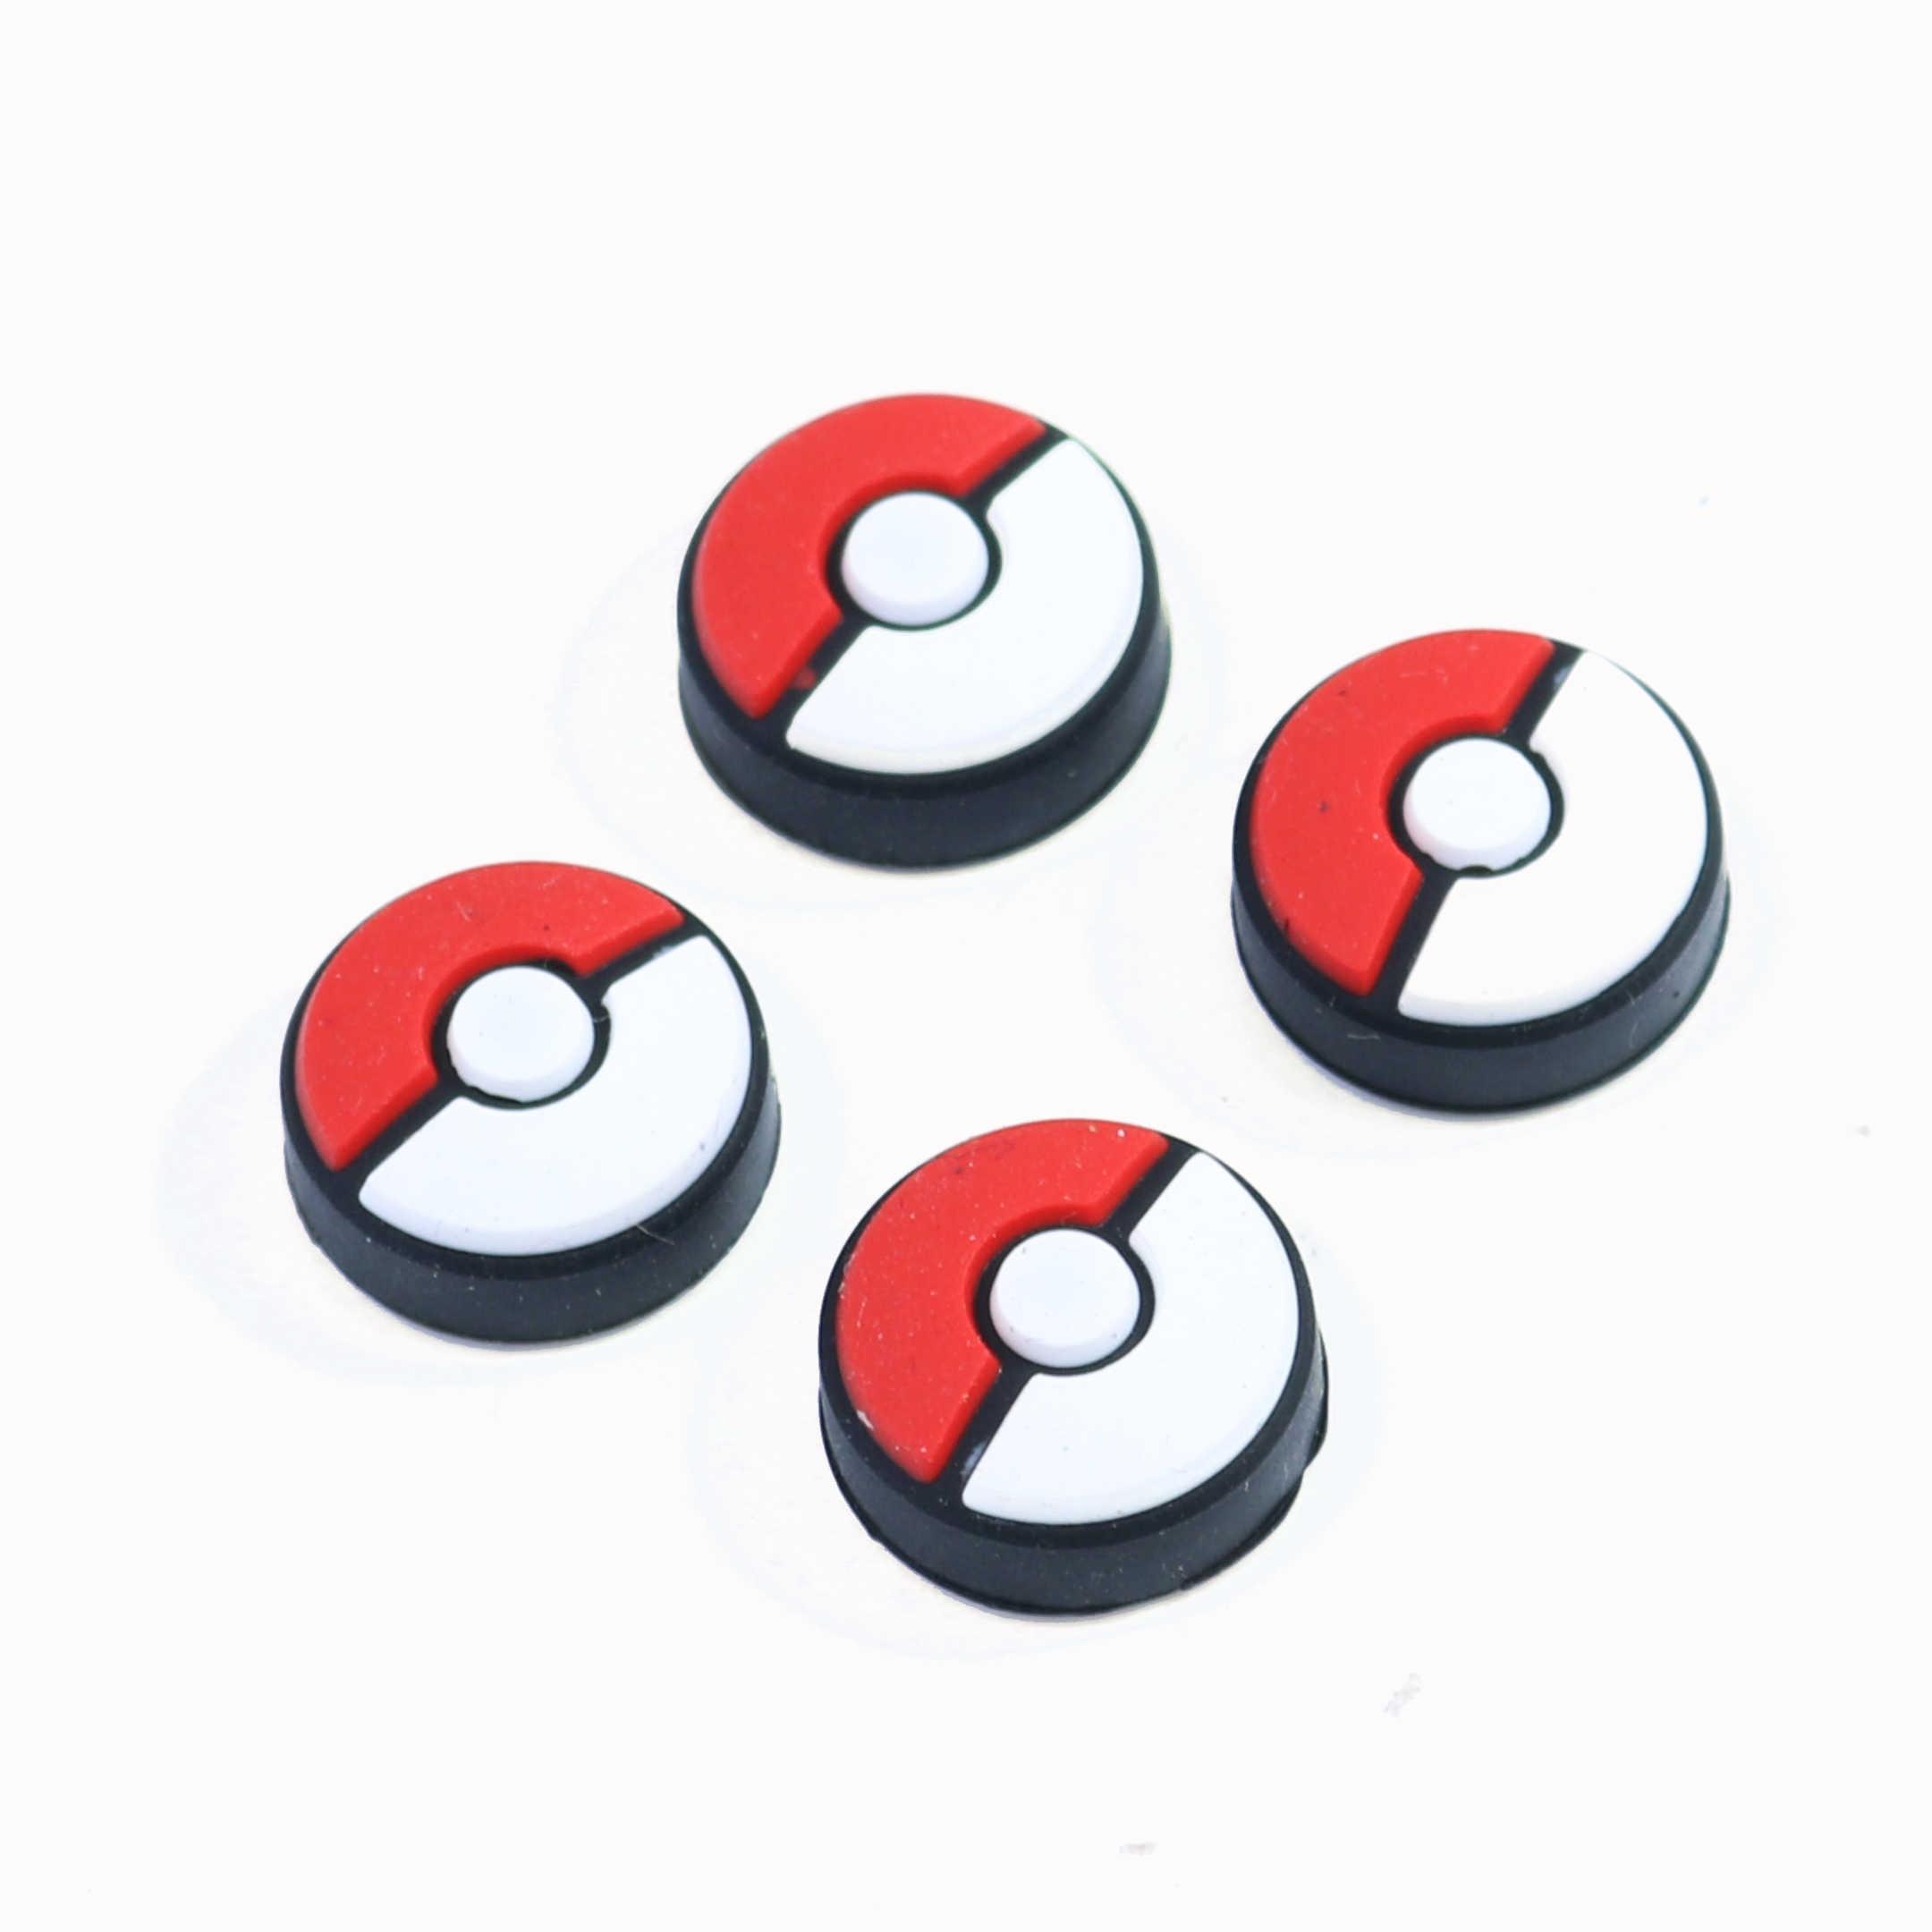 JCD 1 sztuk nakładki na przyciski Cap Joystick pokrywy skrzynka dla przełącznik do nintendo NS dla Poke ball Plus dla Pokeball kontroler do gier